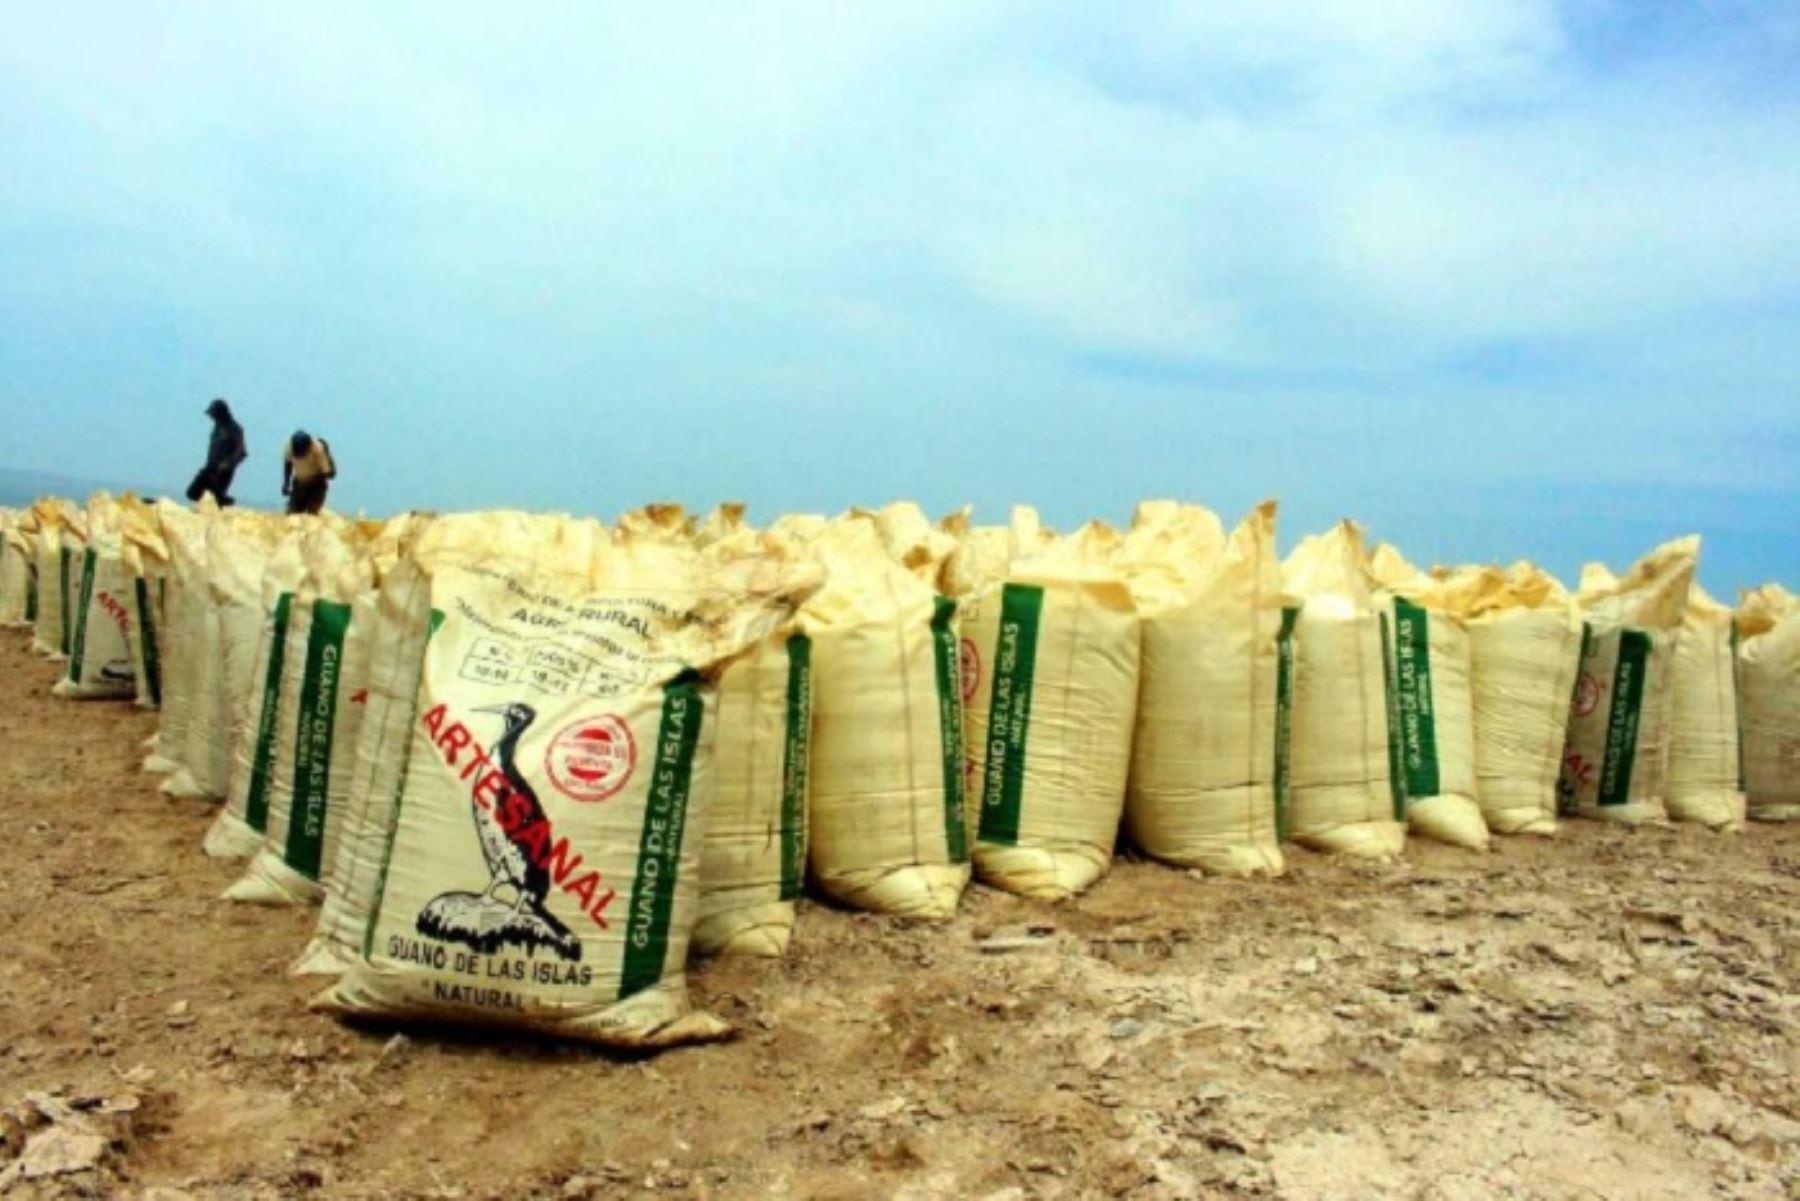 Un embarque de 36,000 kilos de guano de las islas, proveniente del puerto de Supe, arribó a la ciudad de Ferreñafe, en la región Lambayeque, con el objetivo de mejorar la productividad de los agricultores de comunidades campesinas, principalmente.